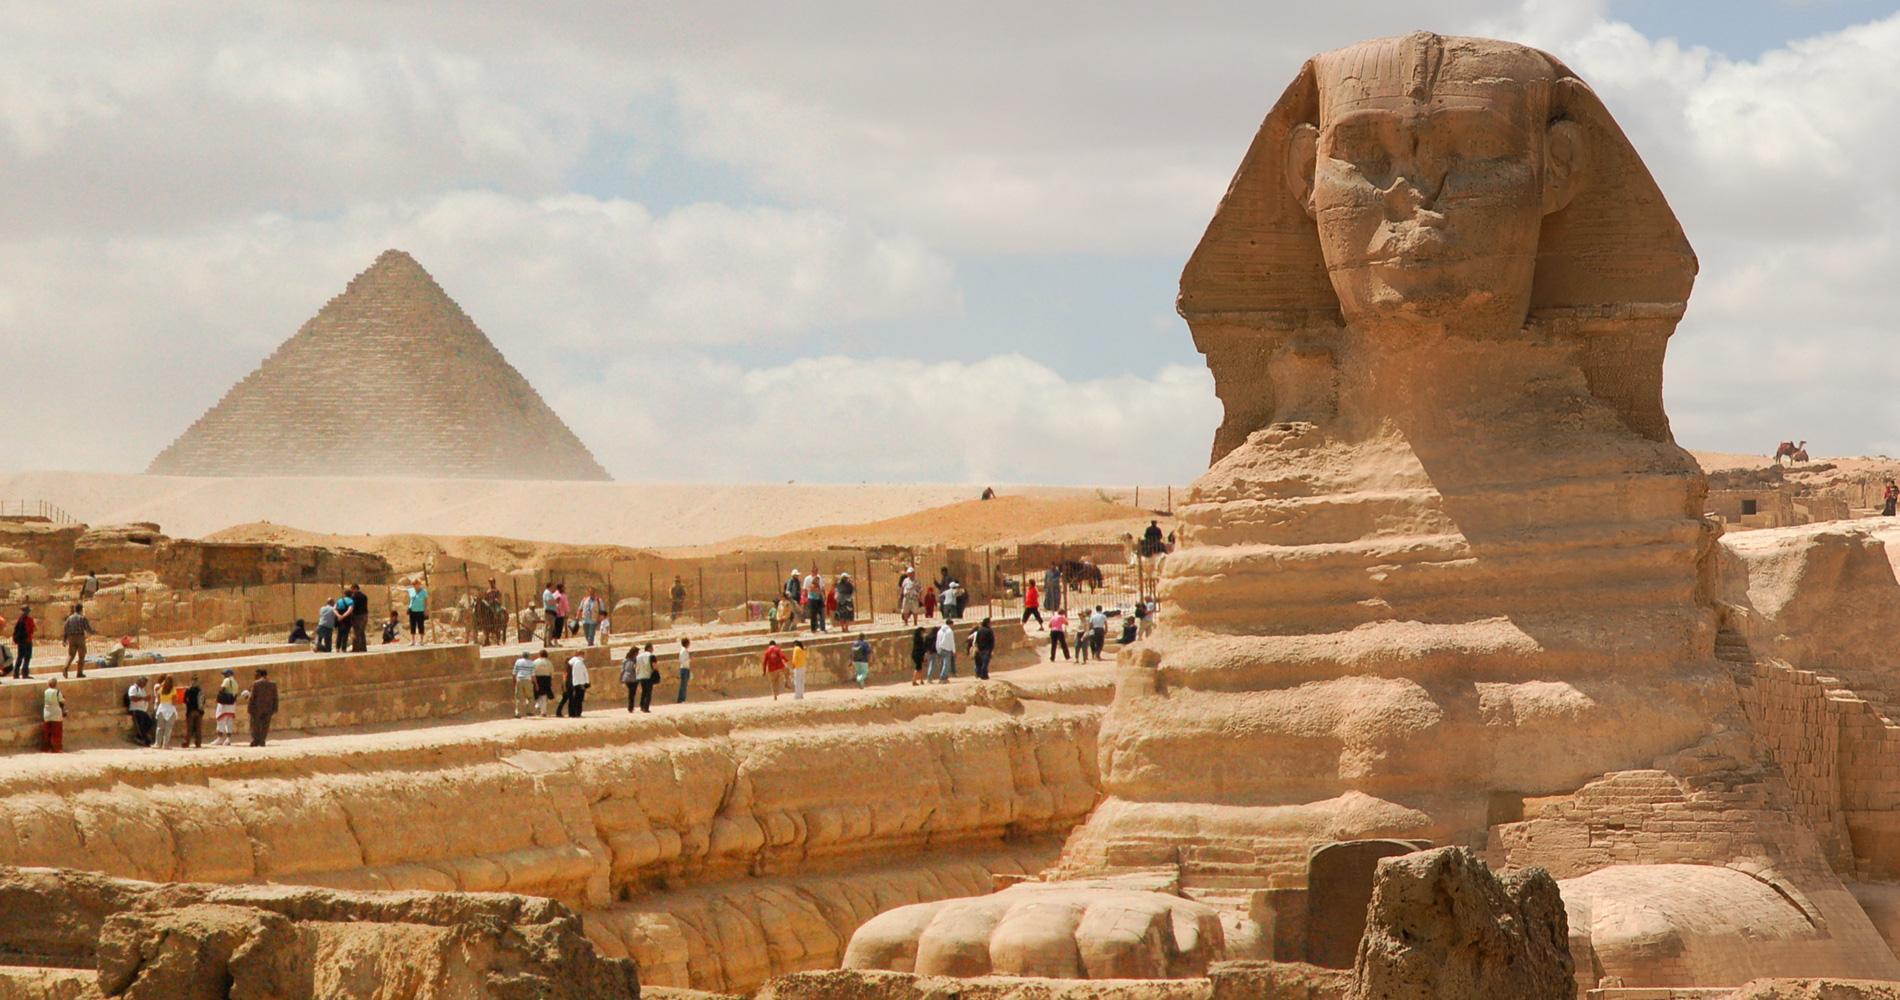 Réveillon Egypte : Le Caire - Luxour Et Hurghada dans 8 jours